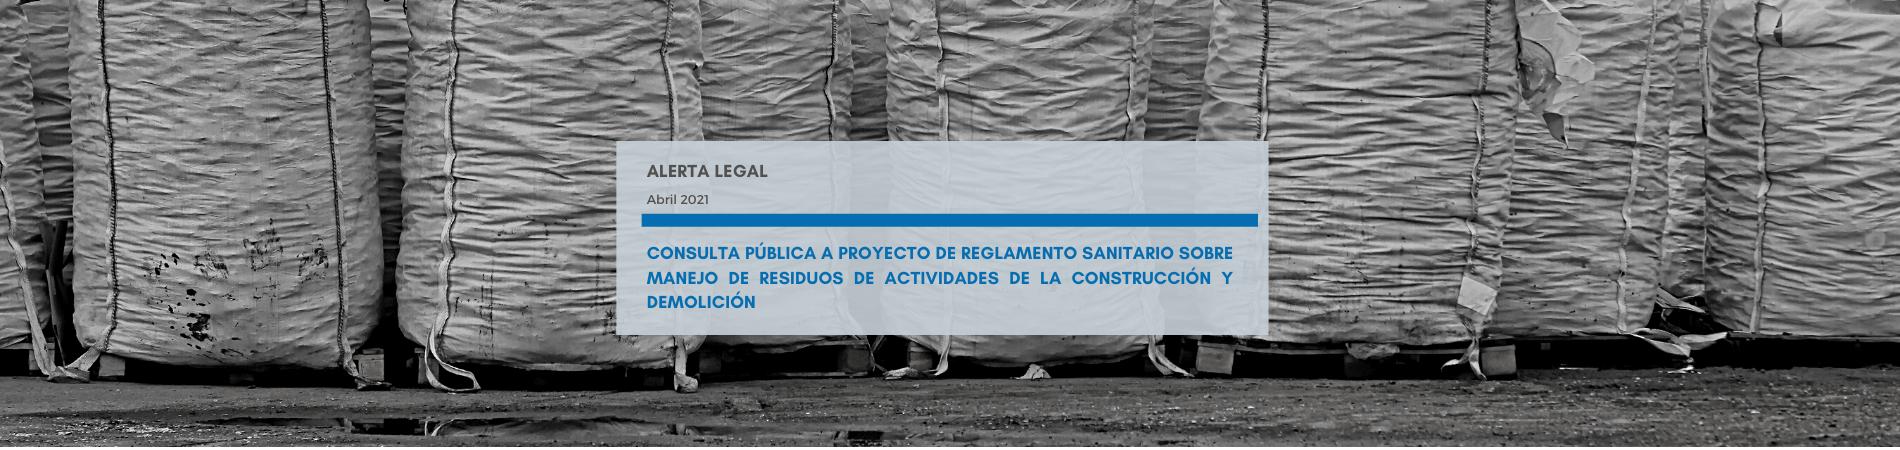 Alerta Legal | Consulta Pública a proyecto de Reglamento Sanitario sobre manejo de residuos de actividades de la construcción y demolición